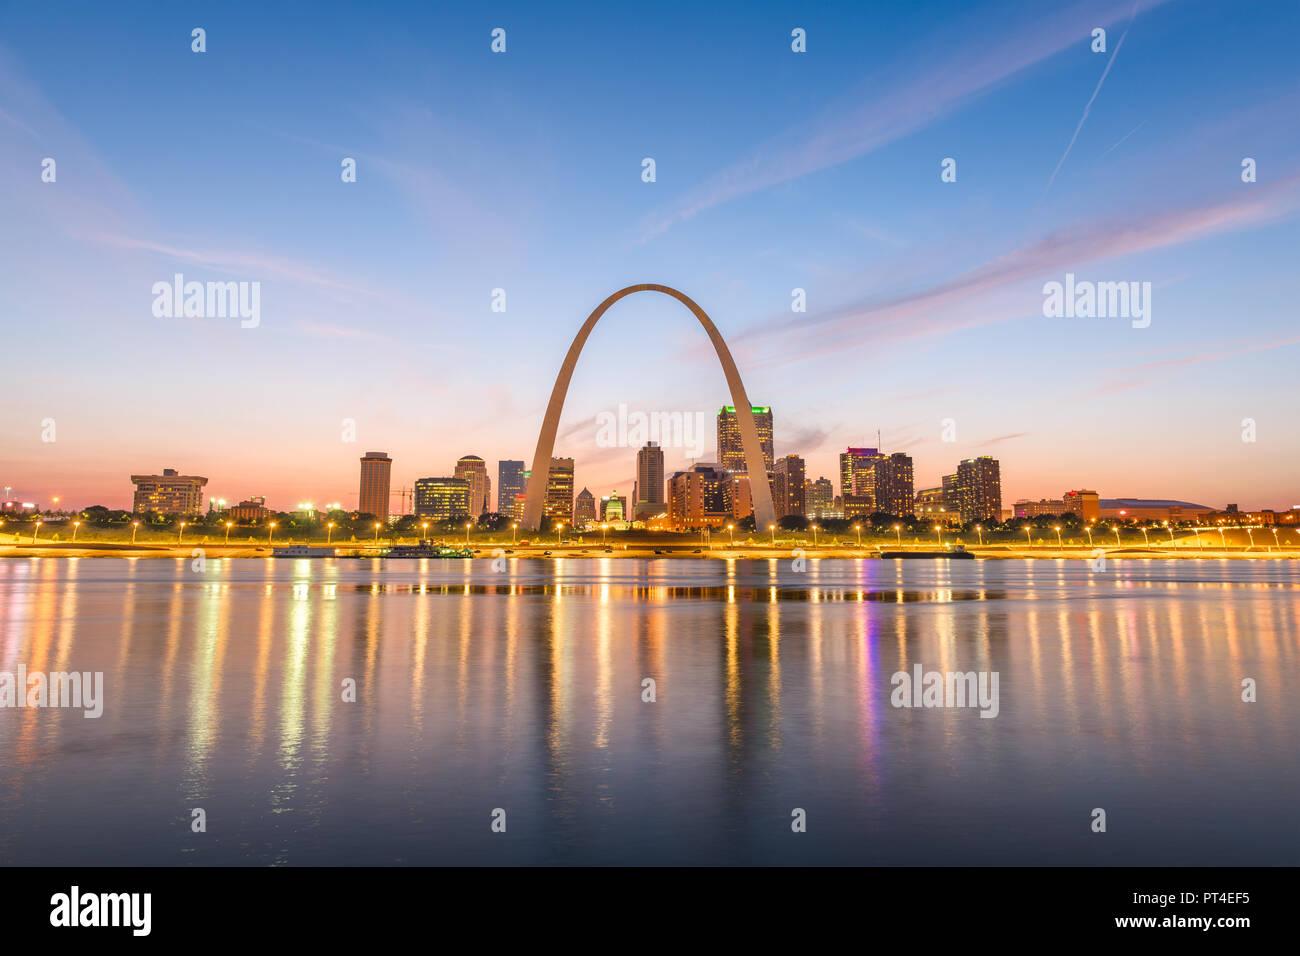 St. Louis, Missouri, USA downtown Stadtbild mit dem Bogen- und Gerichtsgebäude in der Abenddämmerung. Stockbild